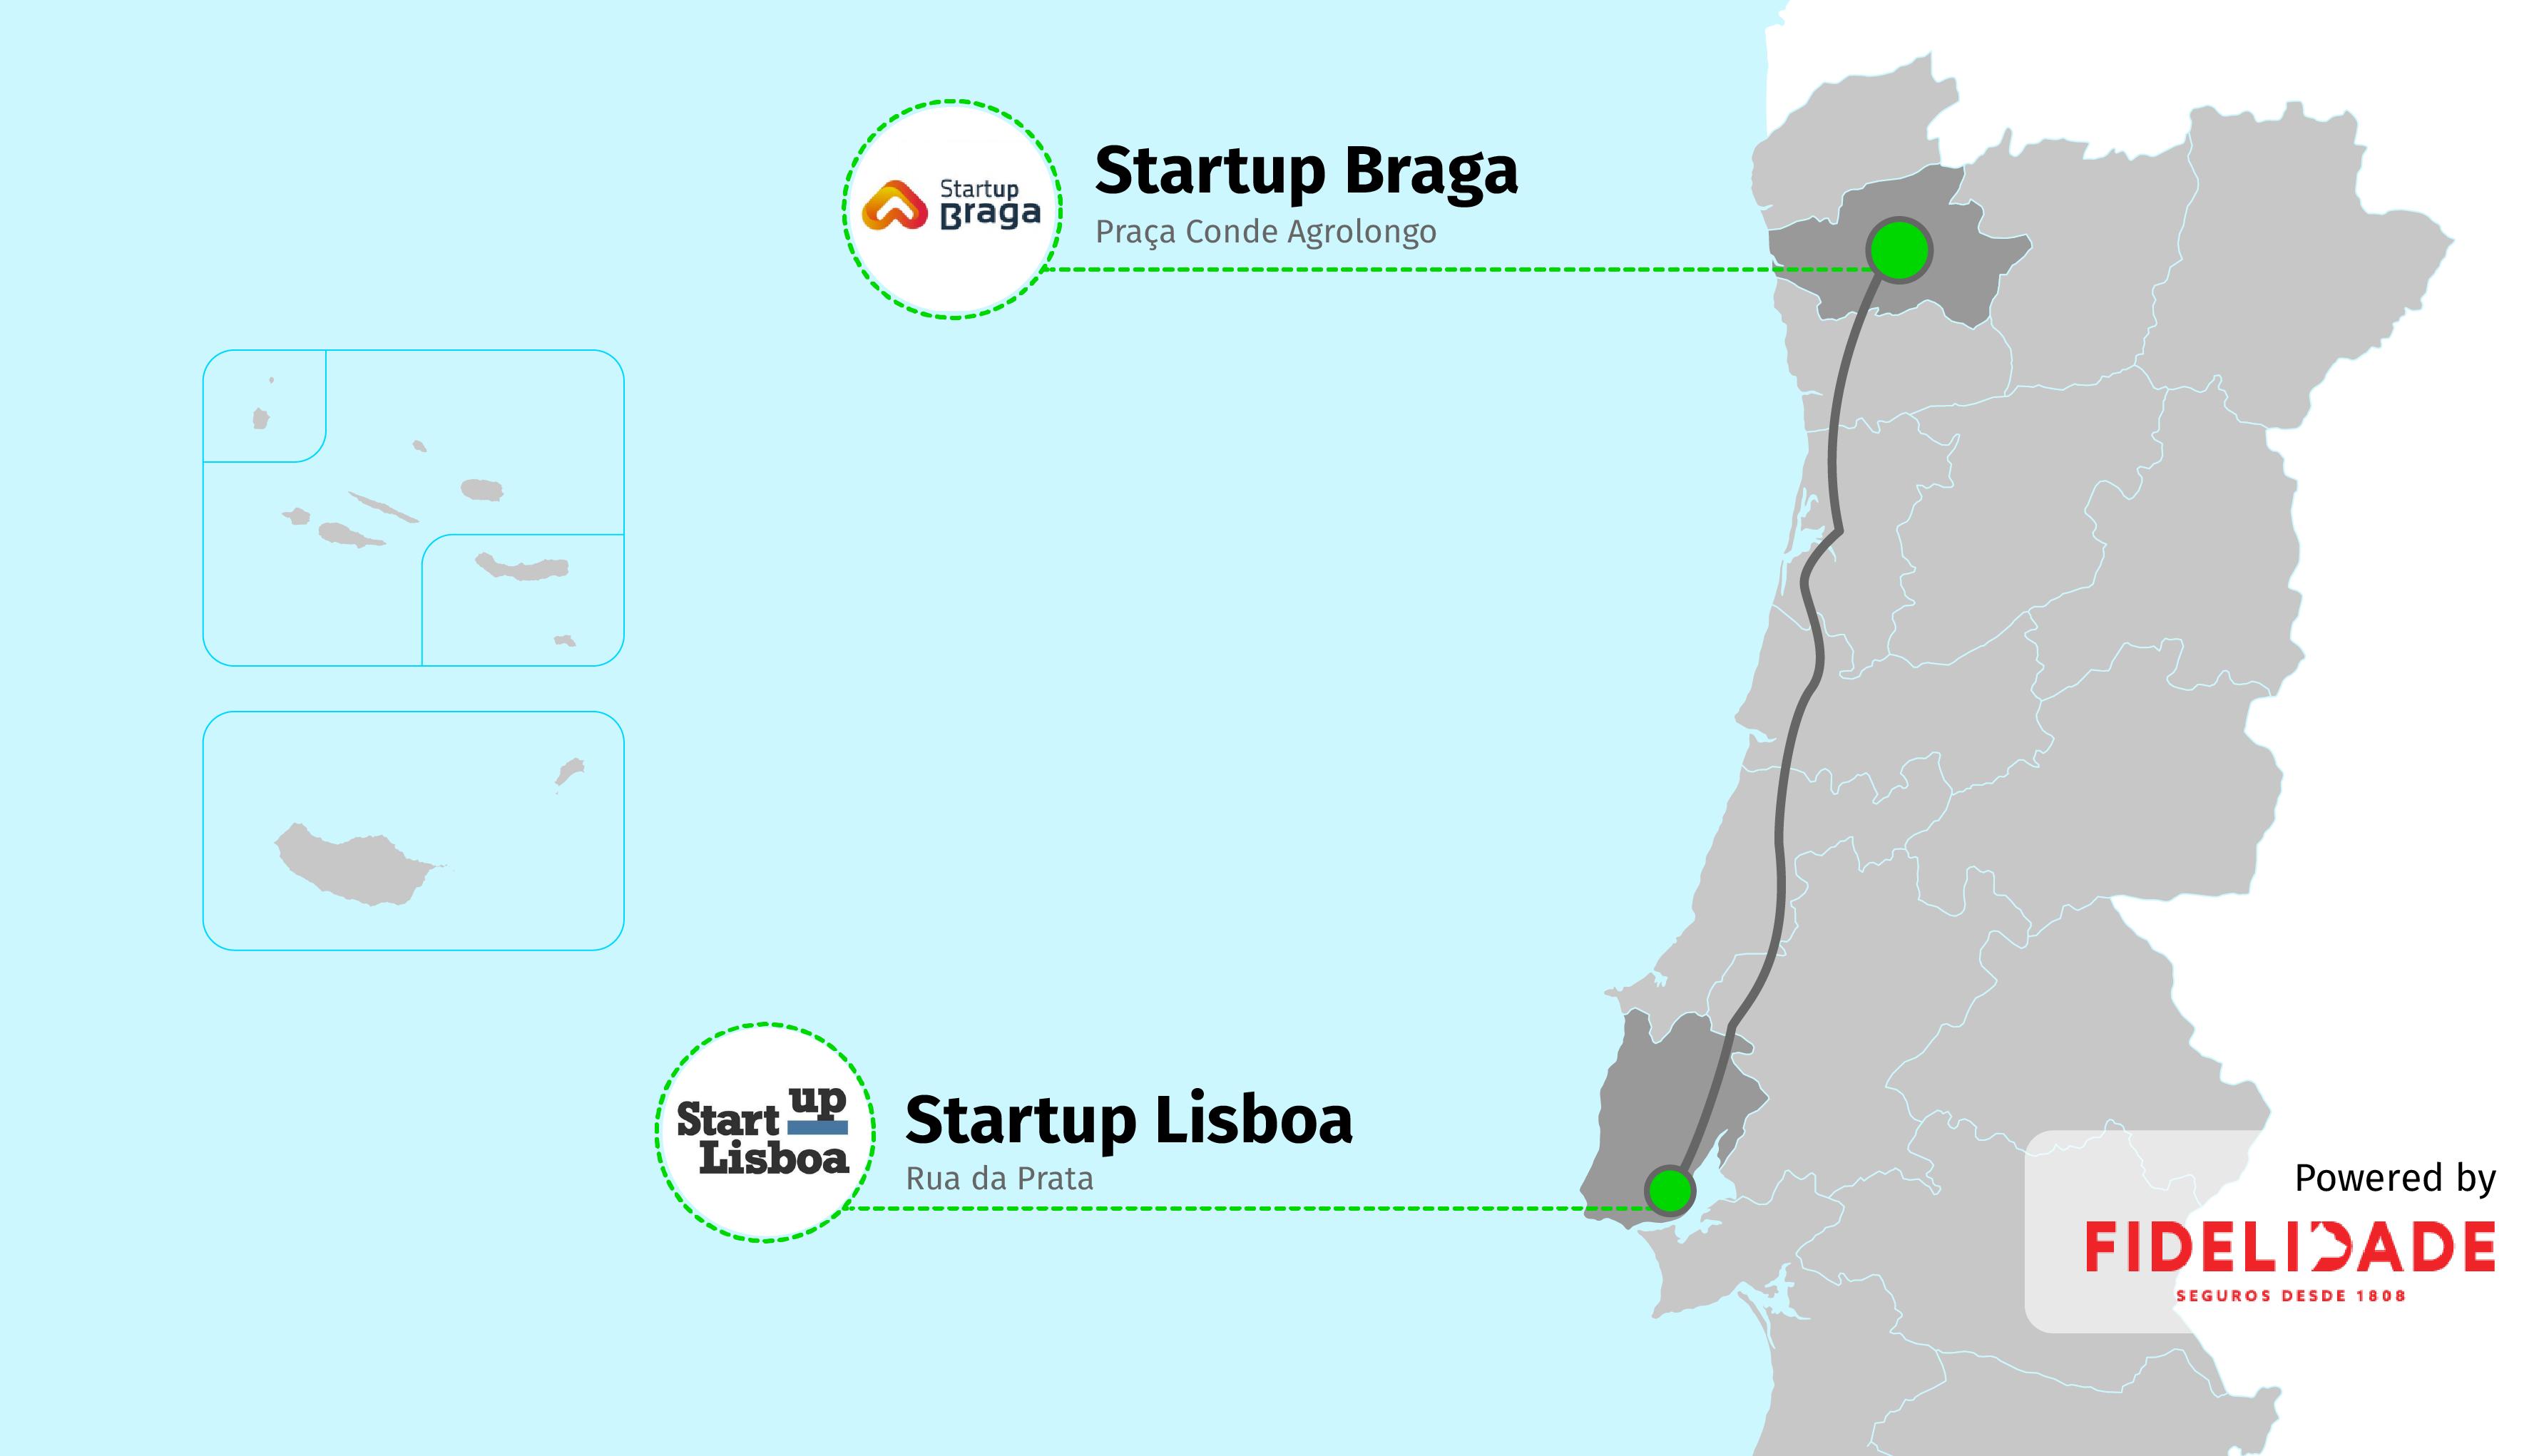 rua da prata lisboa mapa Volta a Portugal em incubadoras: Rumo a norte, até à Startup Braga  rua da prata lisboa mapa